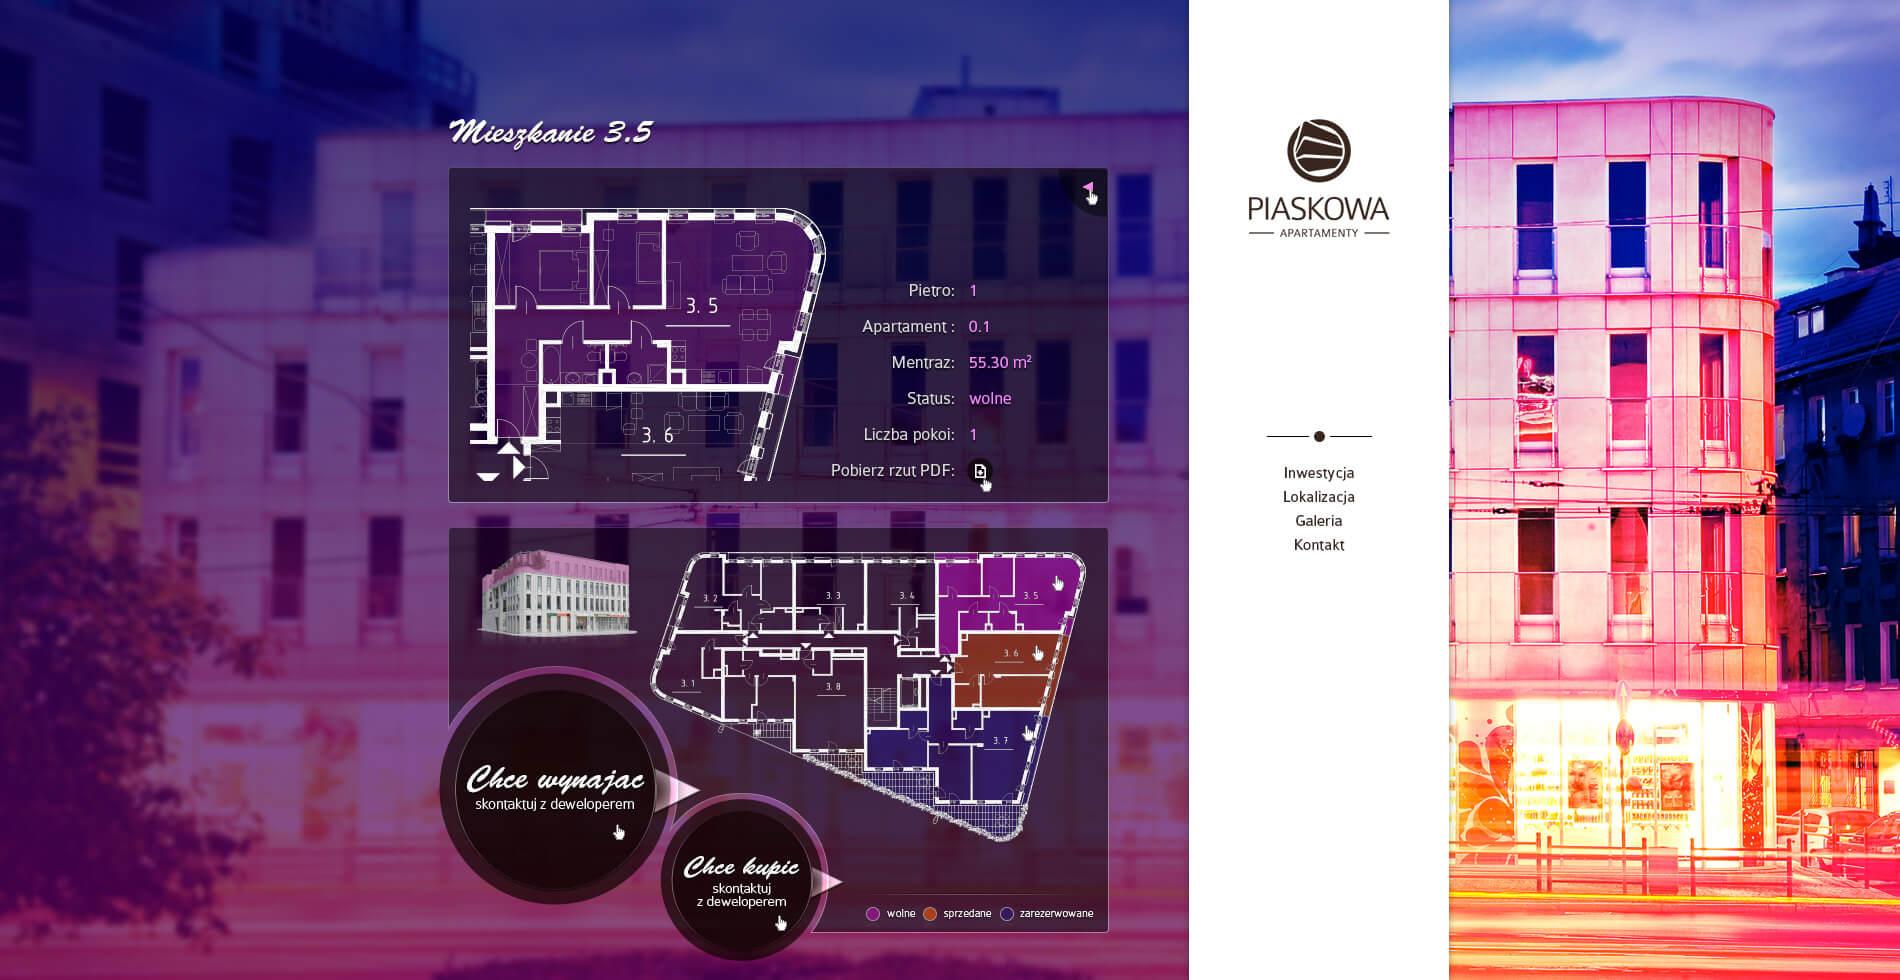 Piaskowa Apartaments